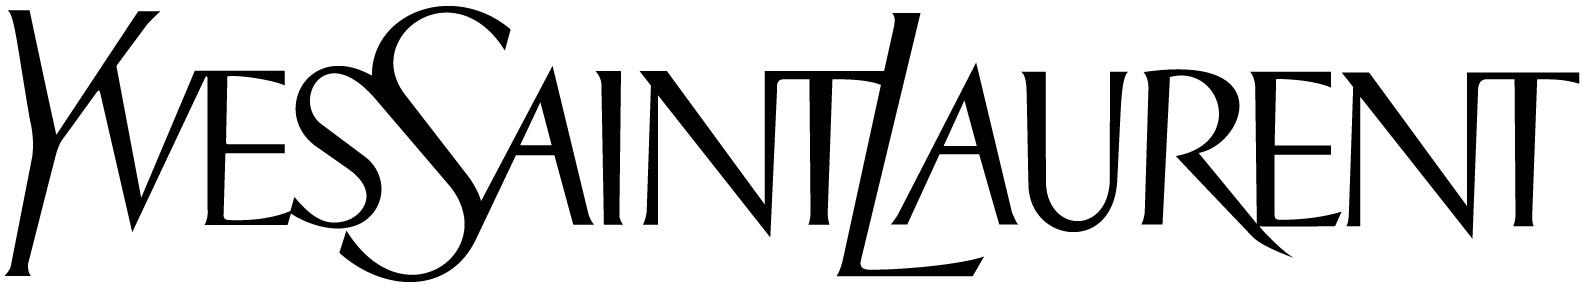 Logo da YSL